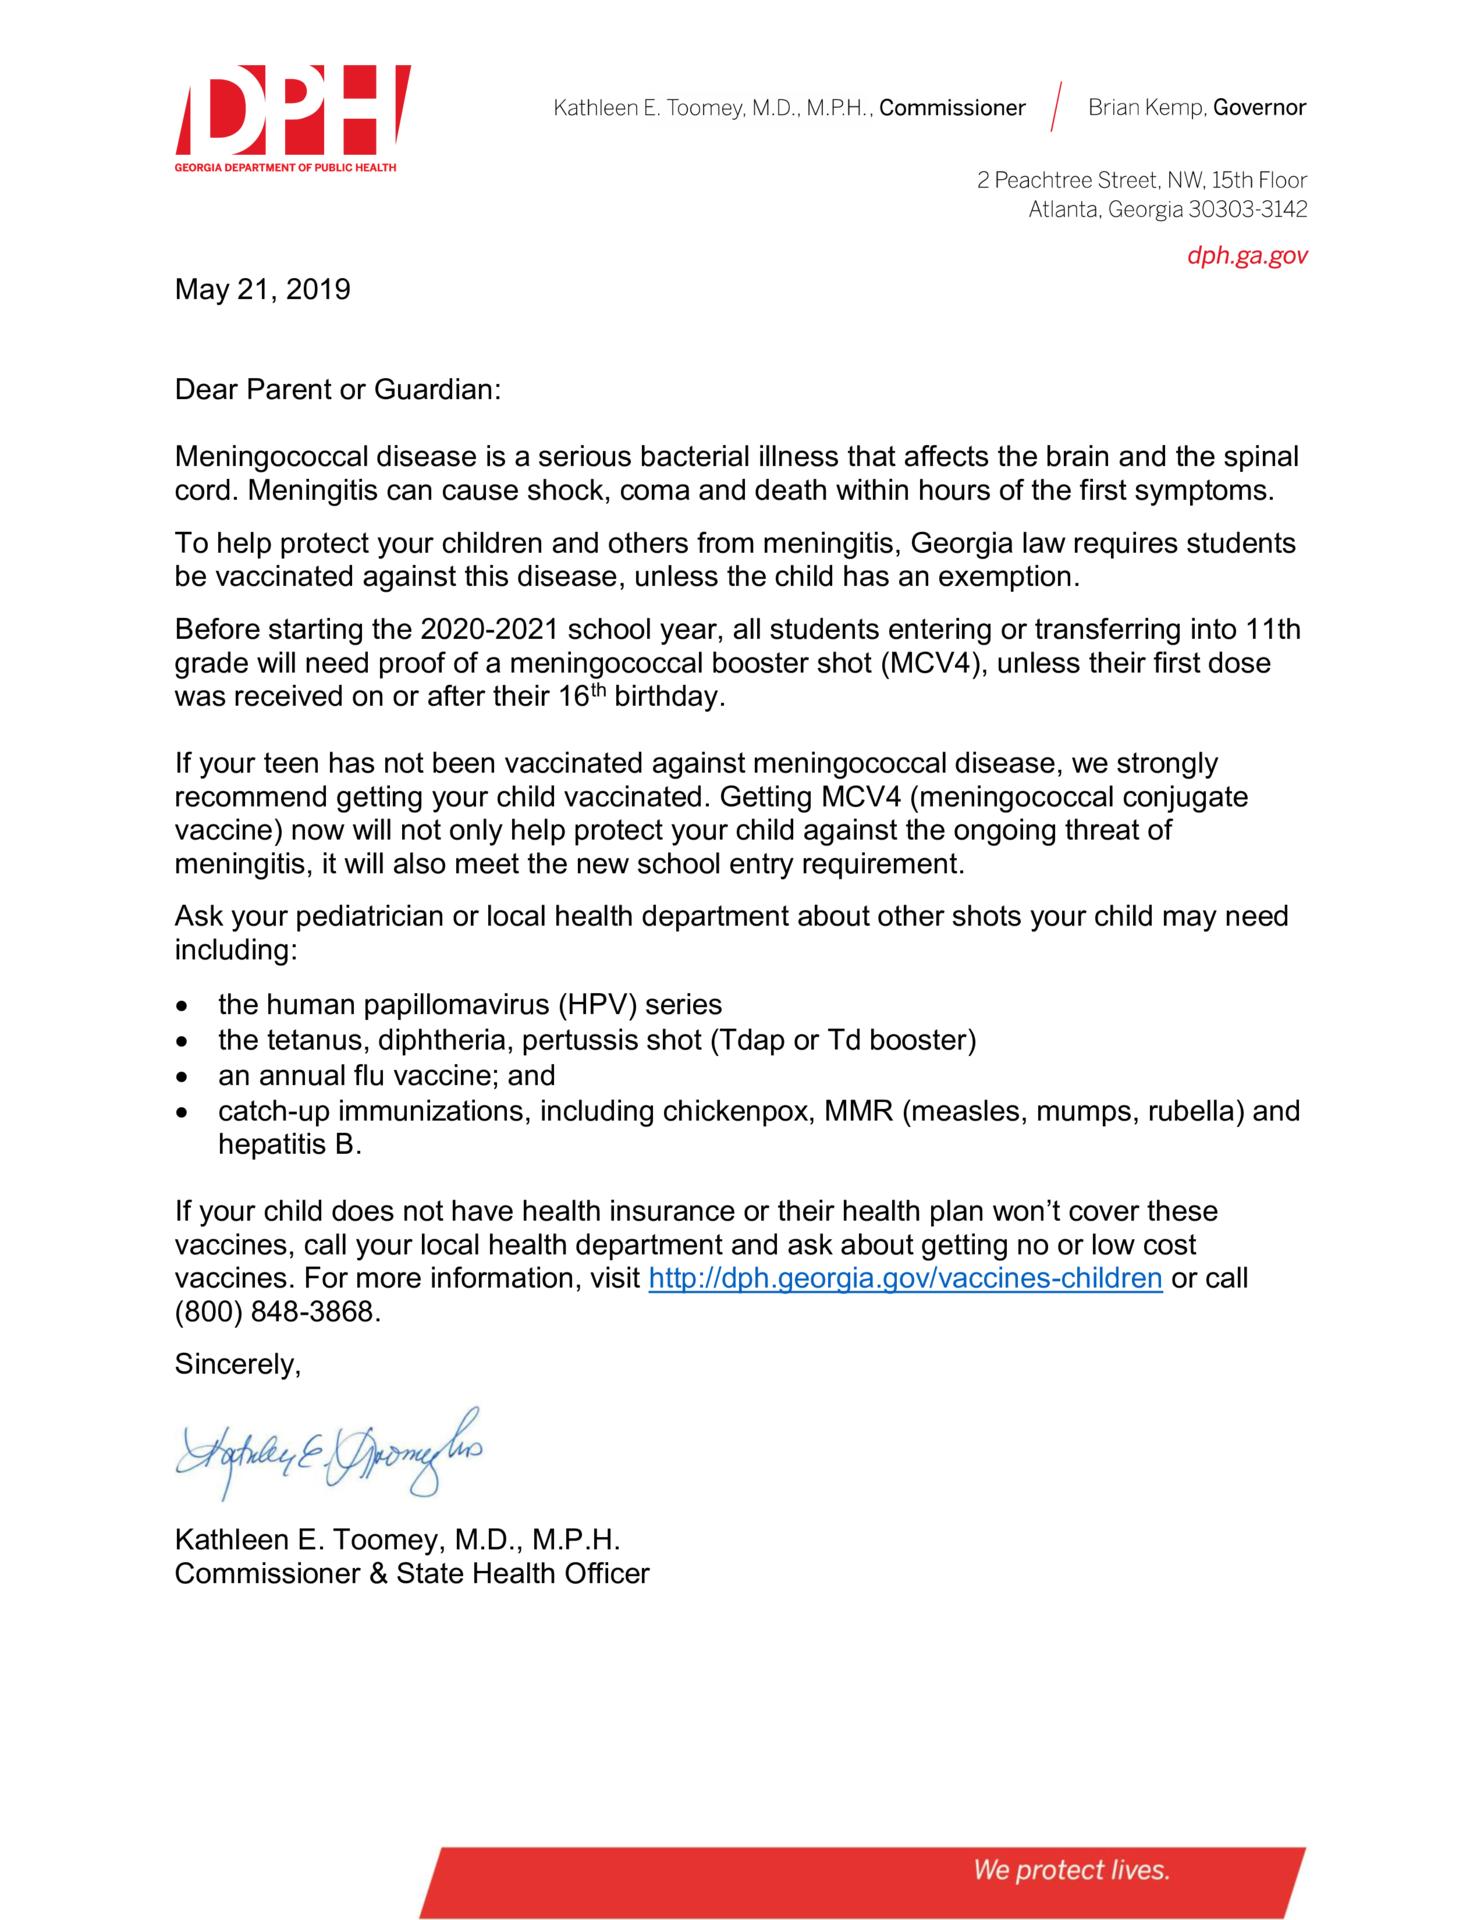 Meningitis Vaccine Parent Letter